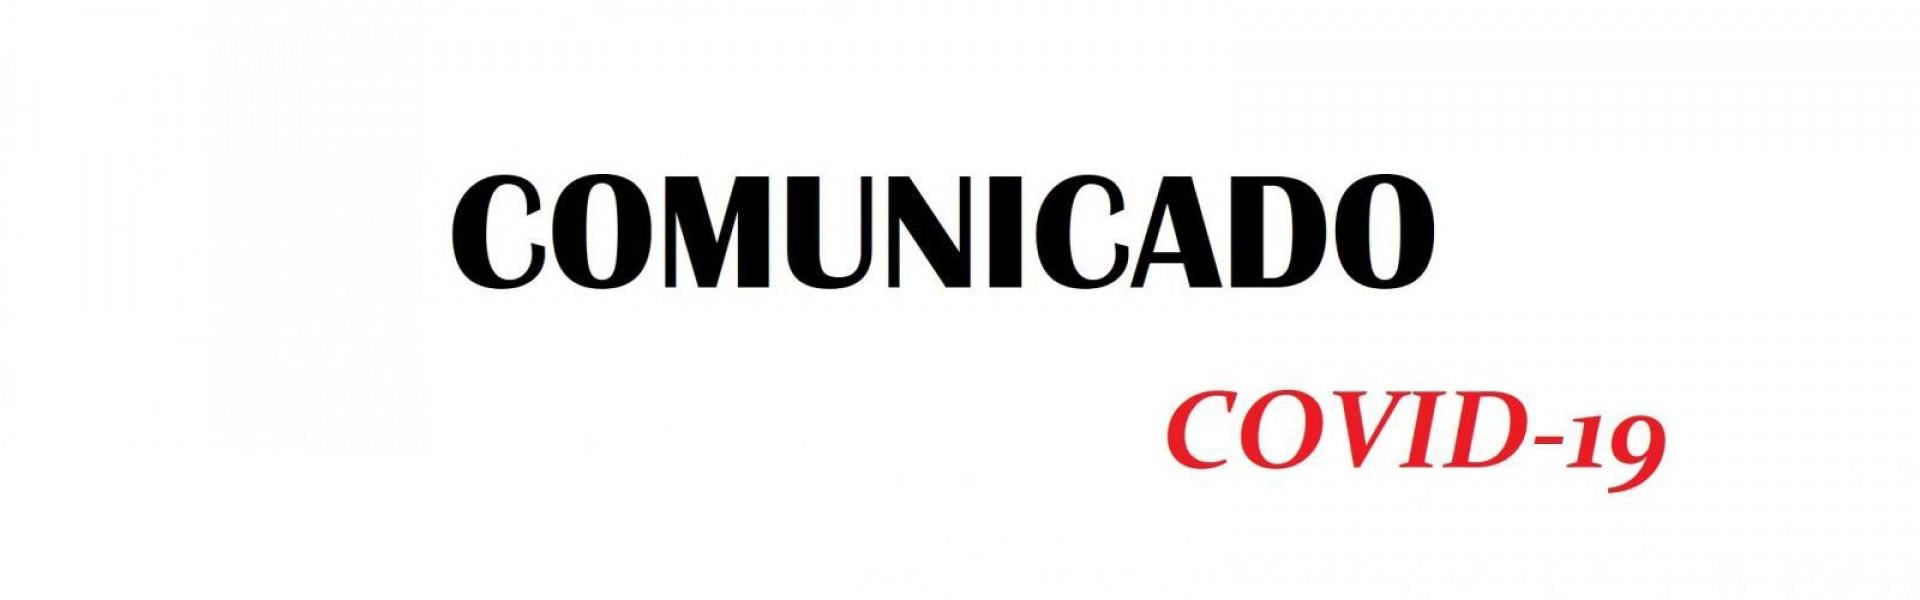 Comunicado - Coronavírus (COVID-19): Informe à população